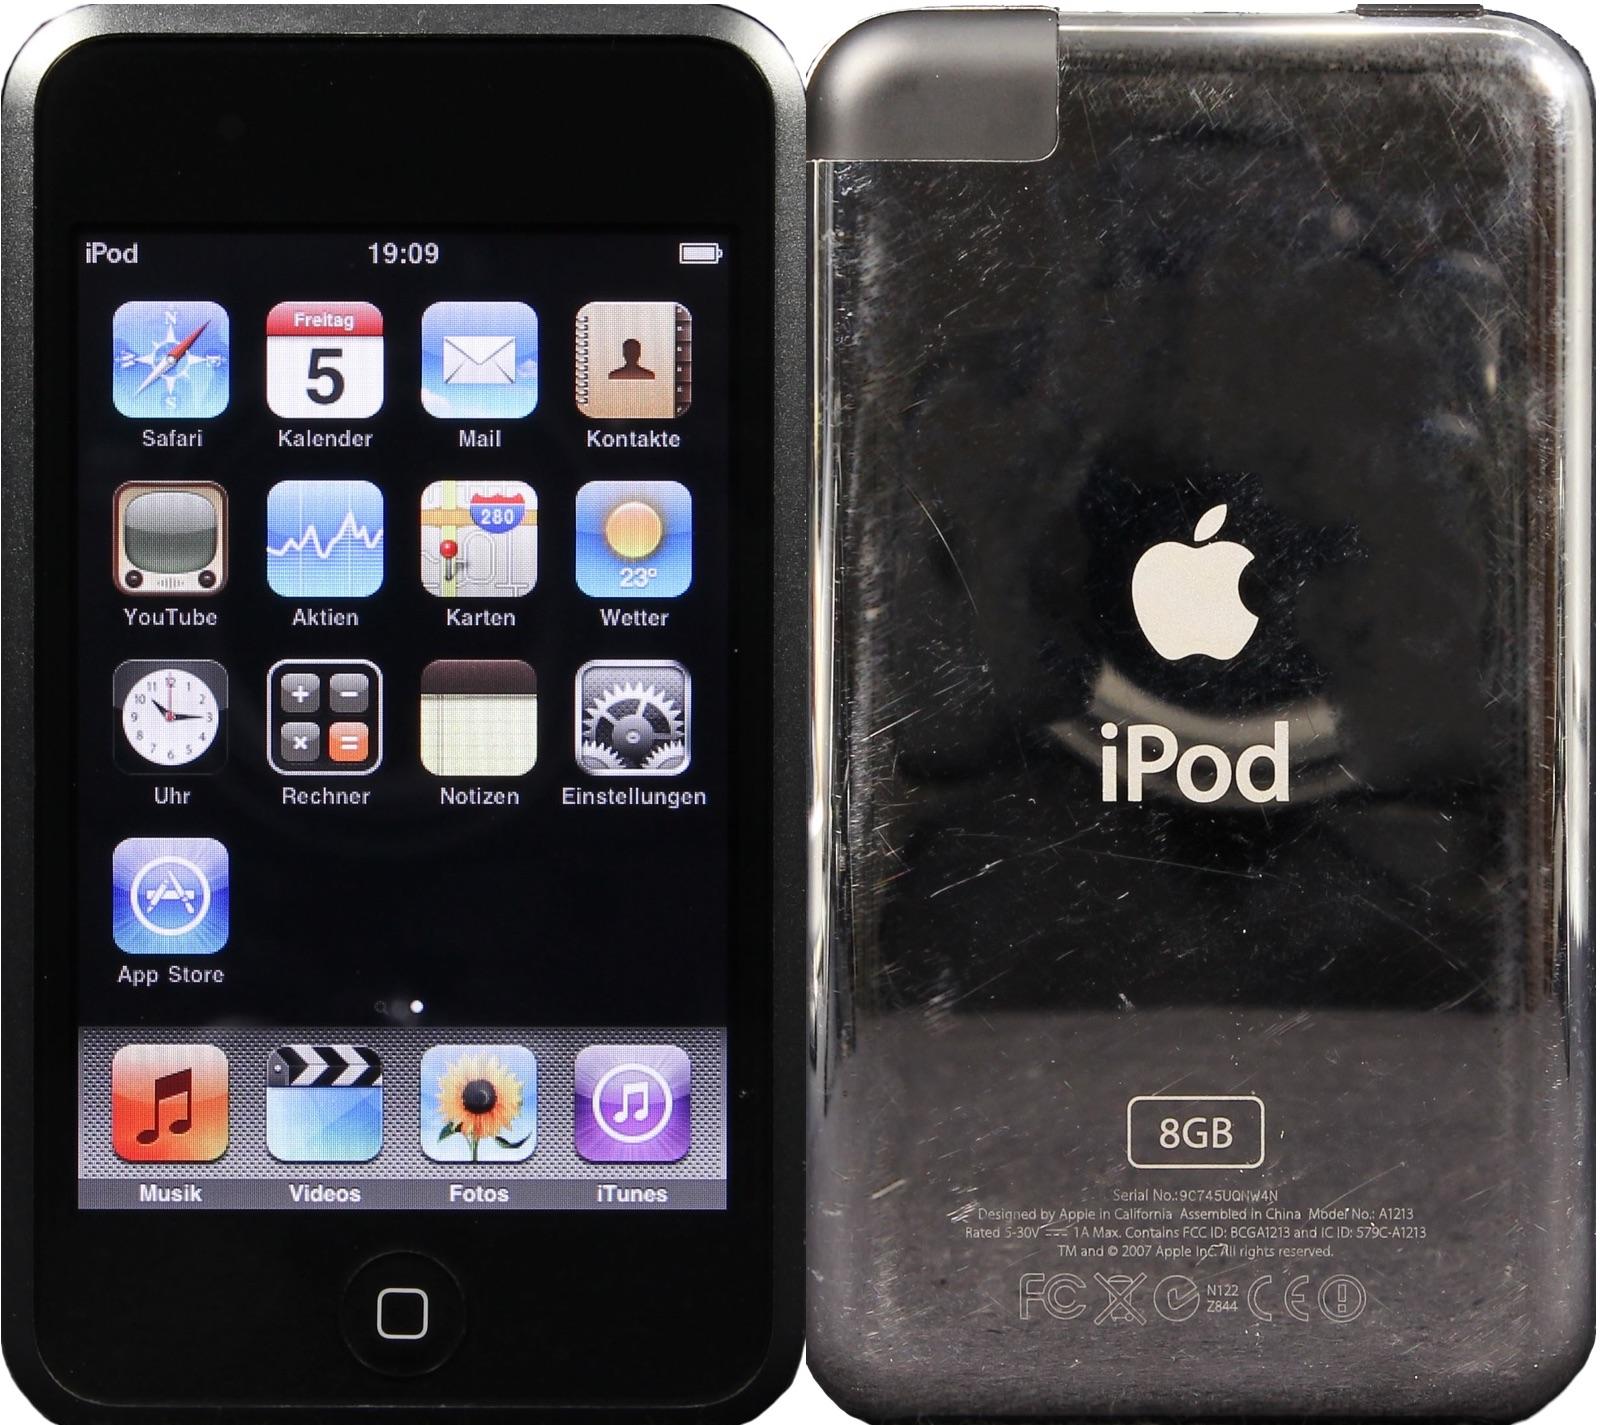 modelle iphone ipod bestimmen bestimmen sie ihr modell iphone rh profi repair de iPod Touch 7th Generation iPod Touch 7th Generation